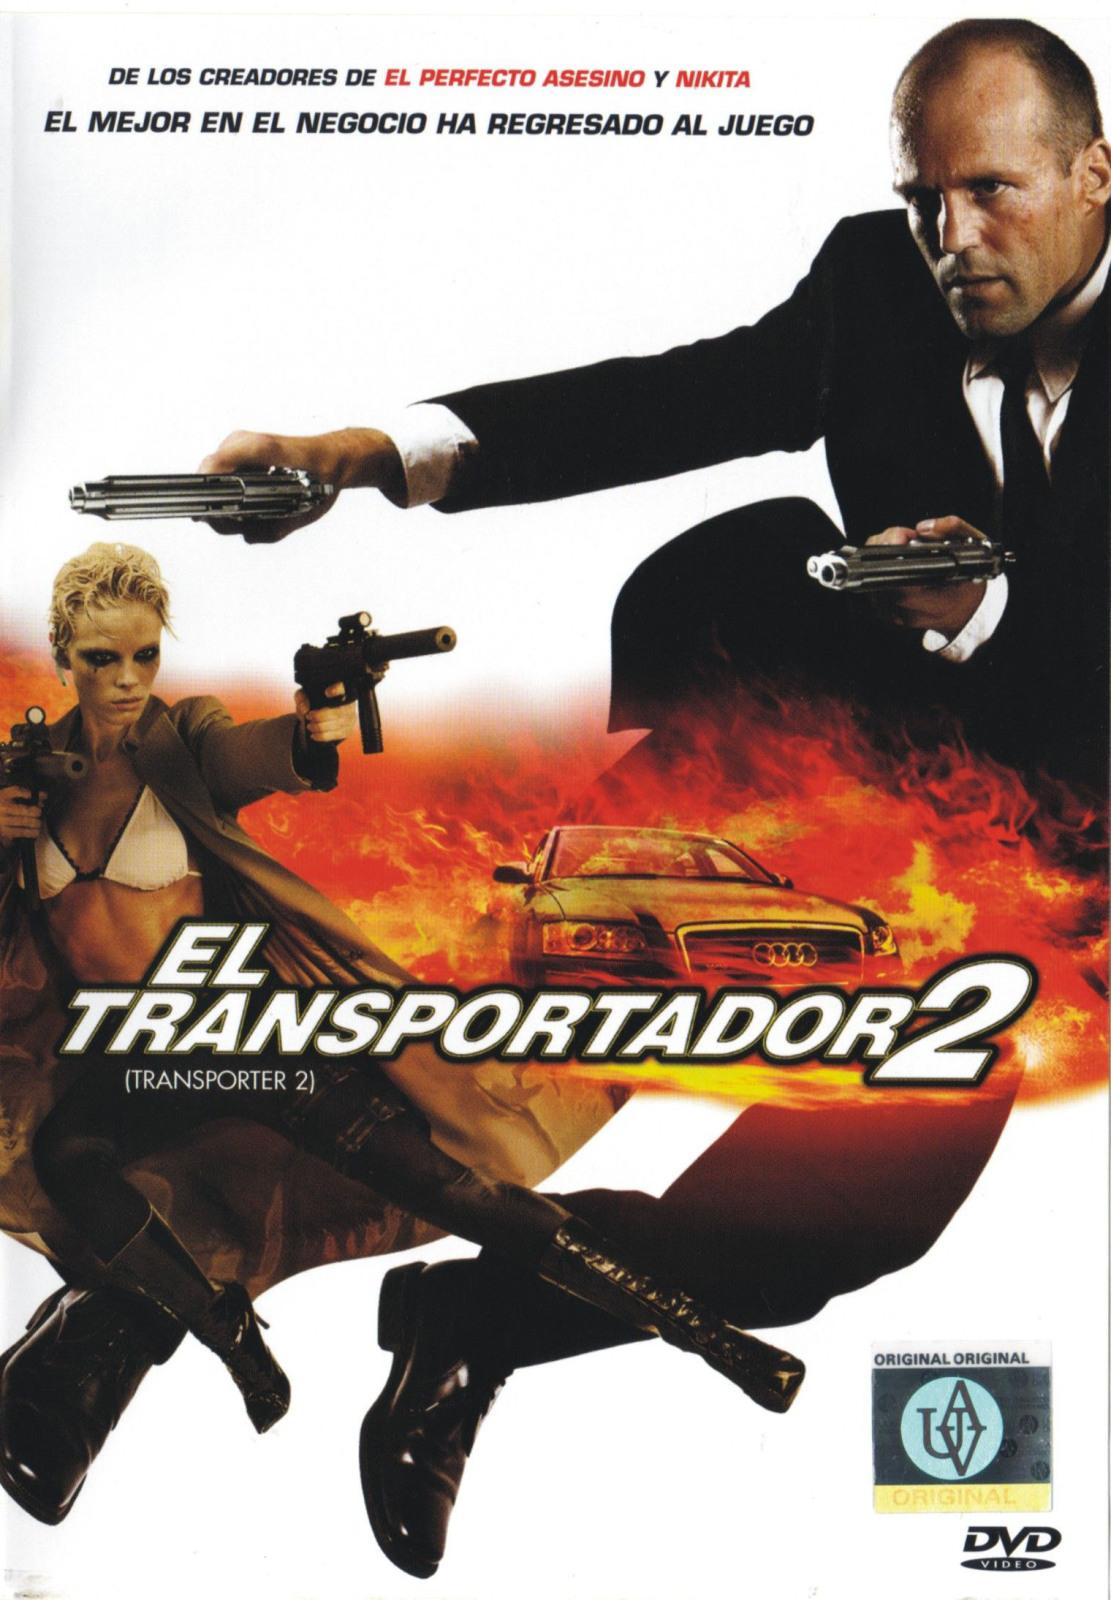 El Transportador 2 – DVDRIP LATINO - Descargar Peliculas ...